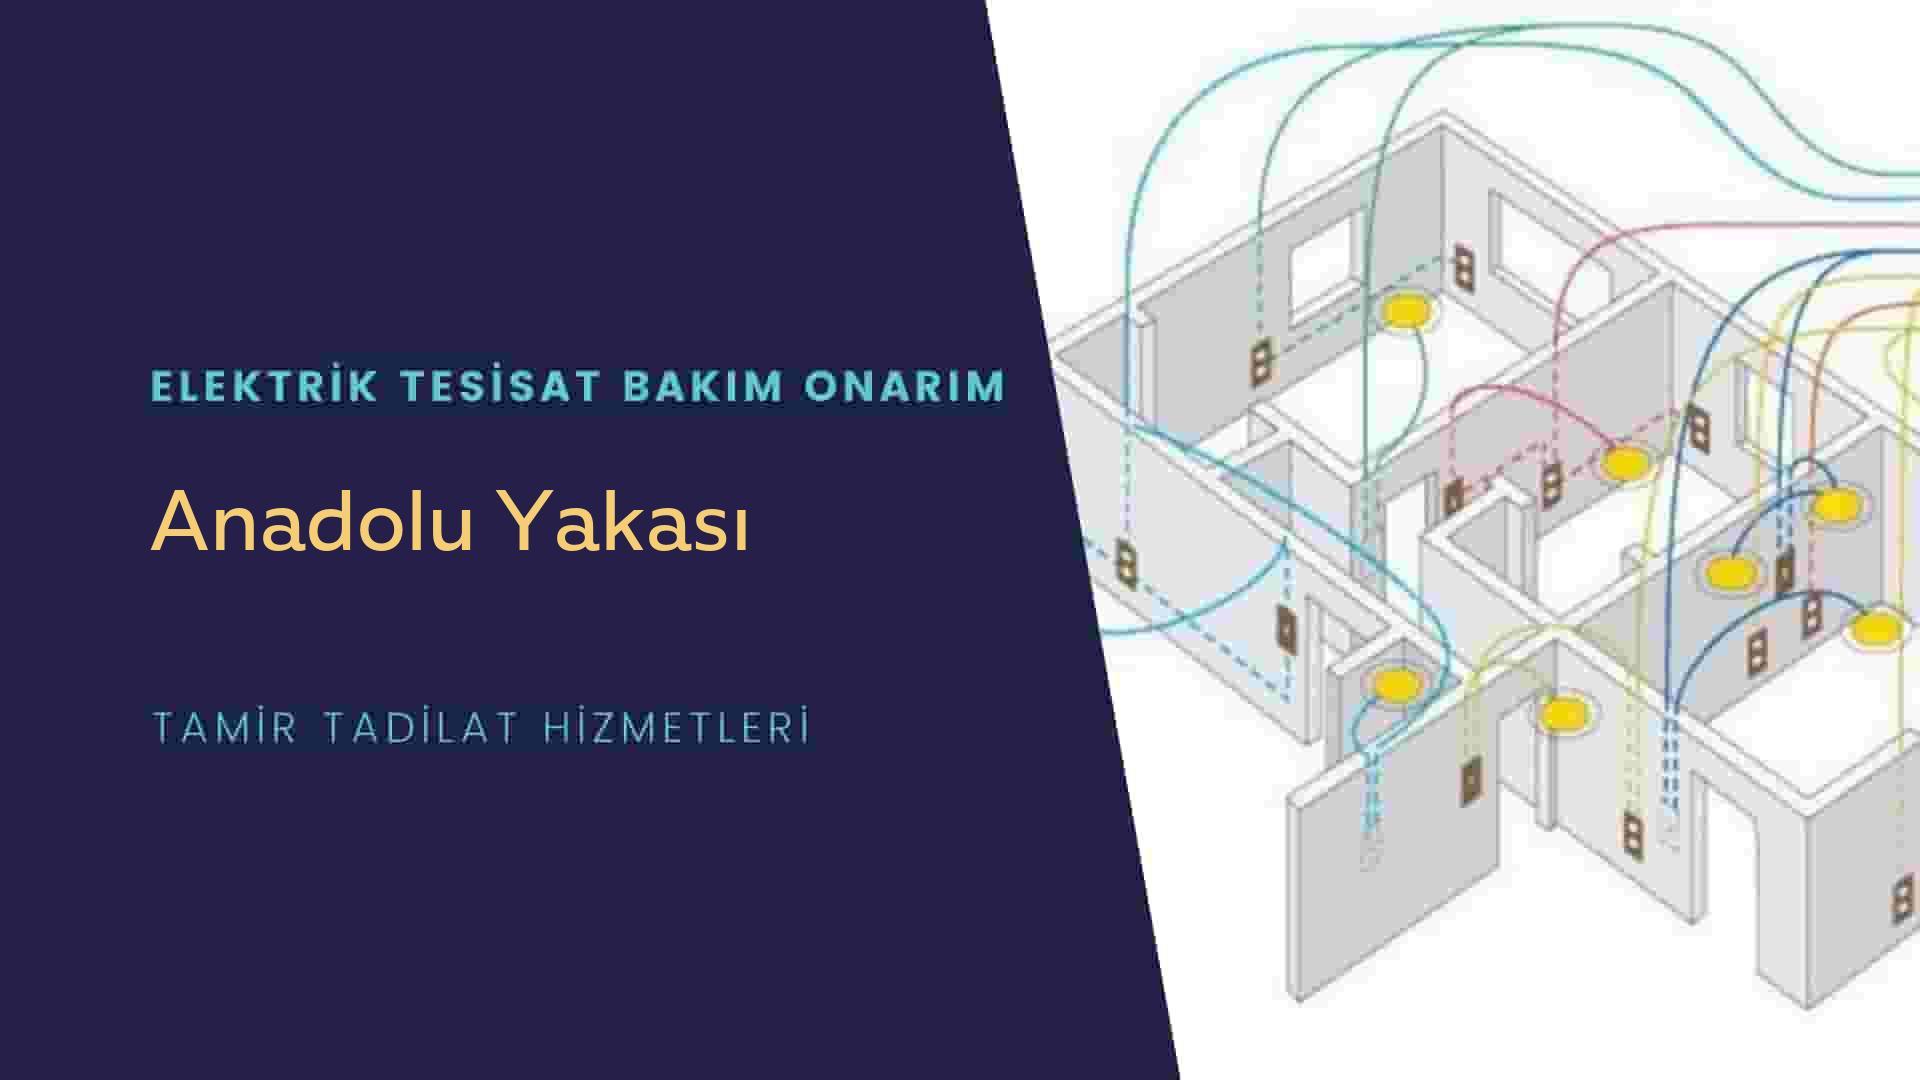 Anadolu Yakası  elektrik tesisatıustalarımı arıyorsunuz doğru adrestenizi Anadolu Yakası elektrik tesisatı ustalarımız 7/24 sizlere hizmet vermekten mutluluk duyar.